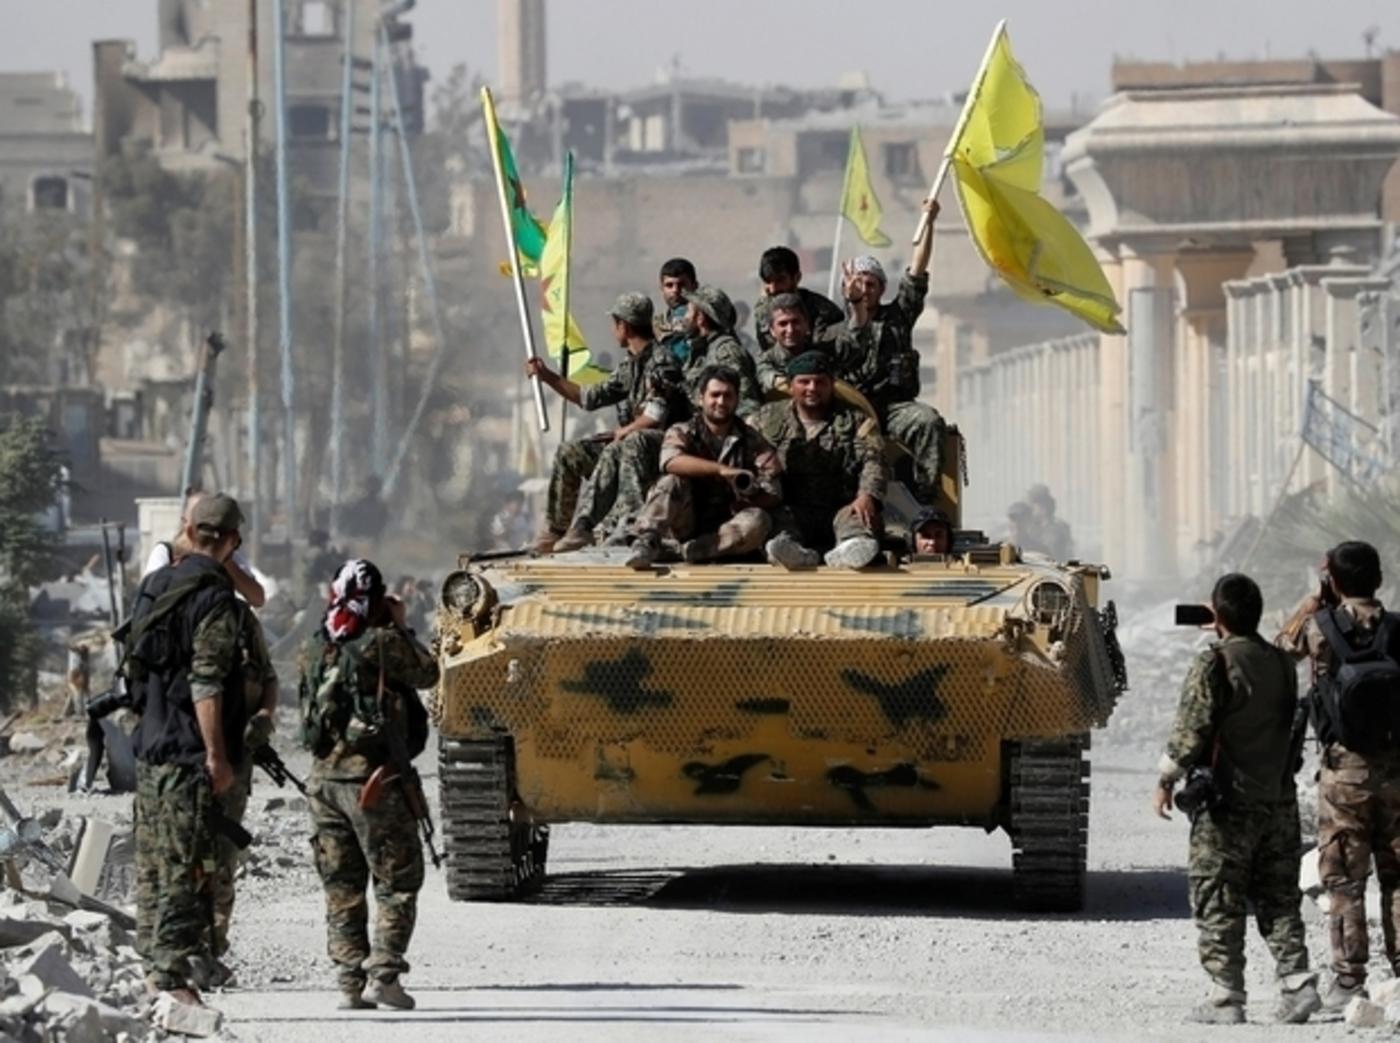 Οι κουρδικές SDF δηλώνουν «ανοιχτές» να ενταχθούν στον συριακό στρατό